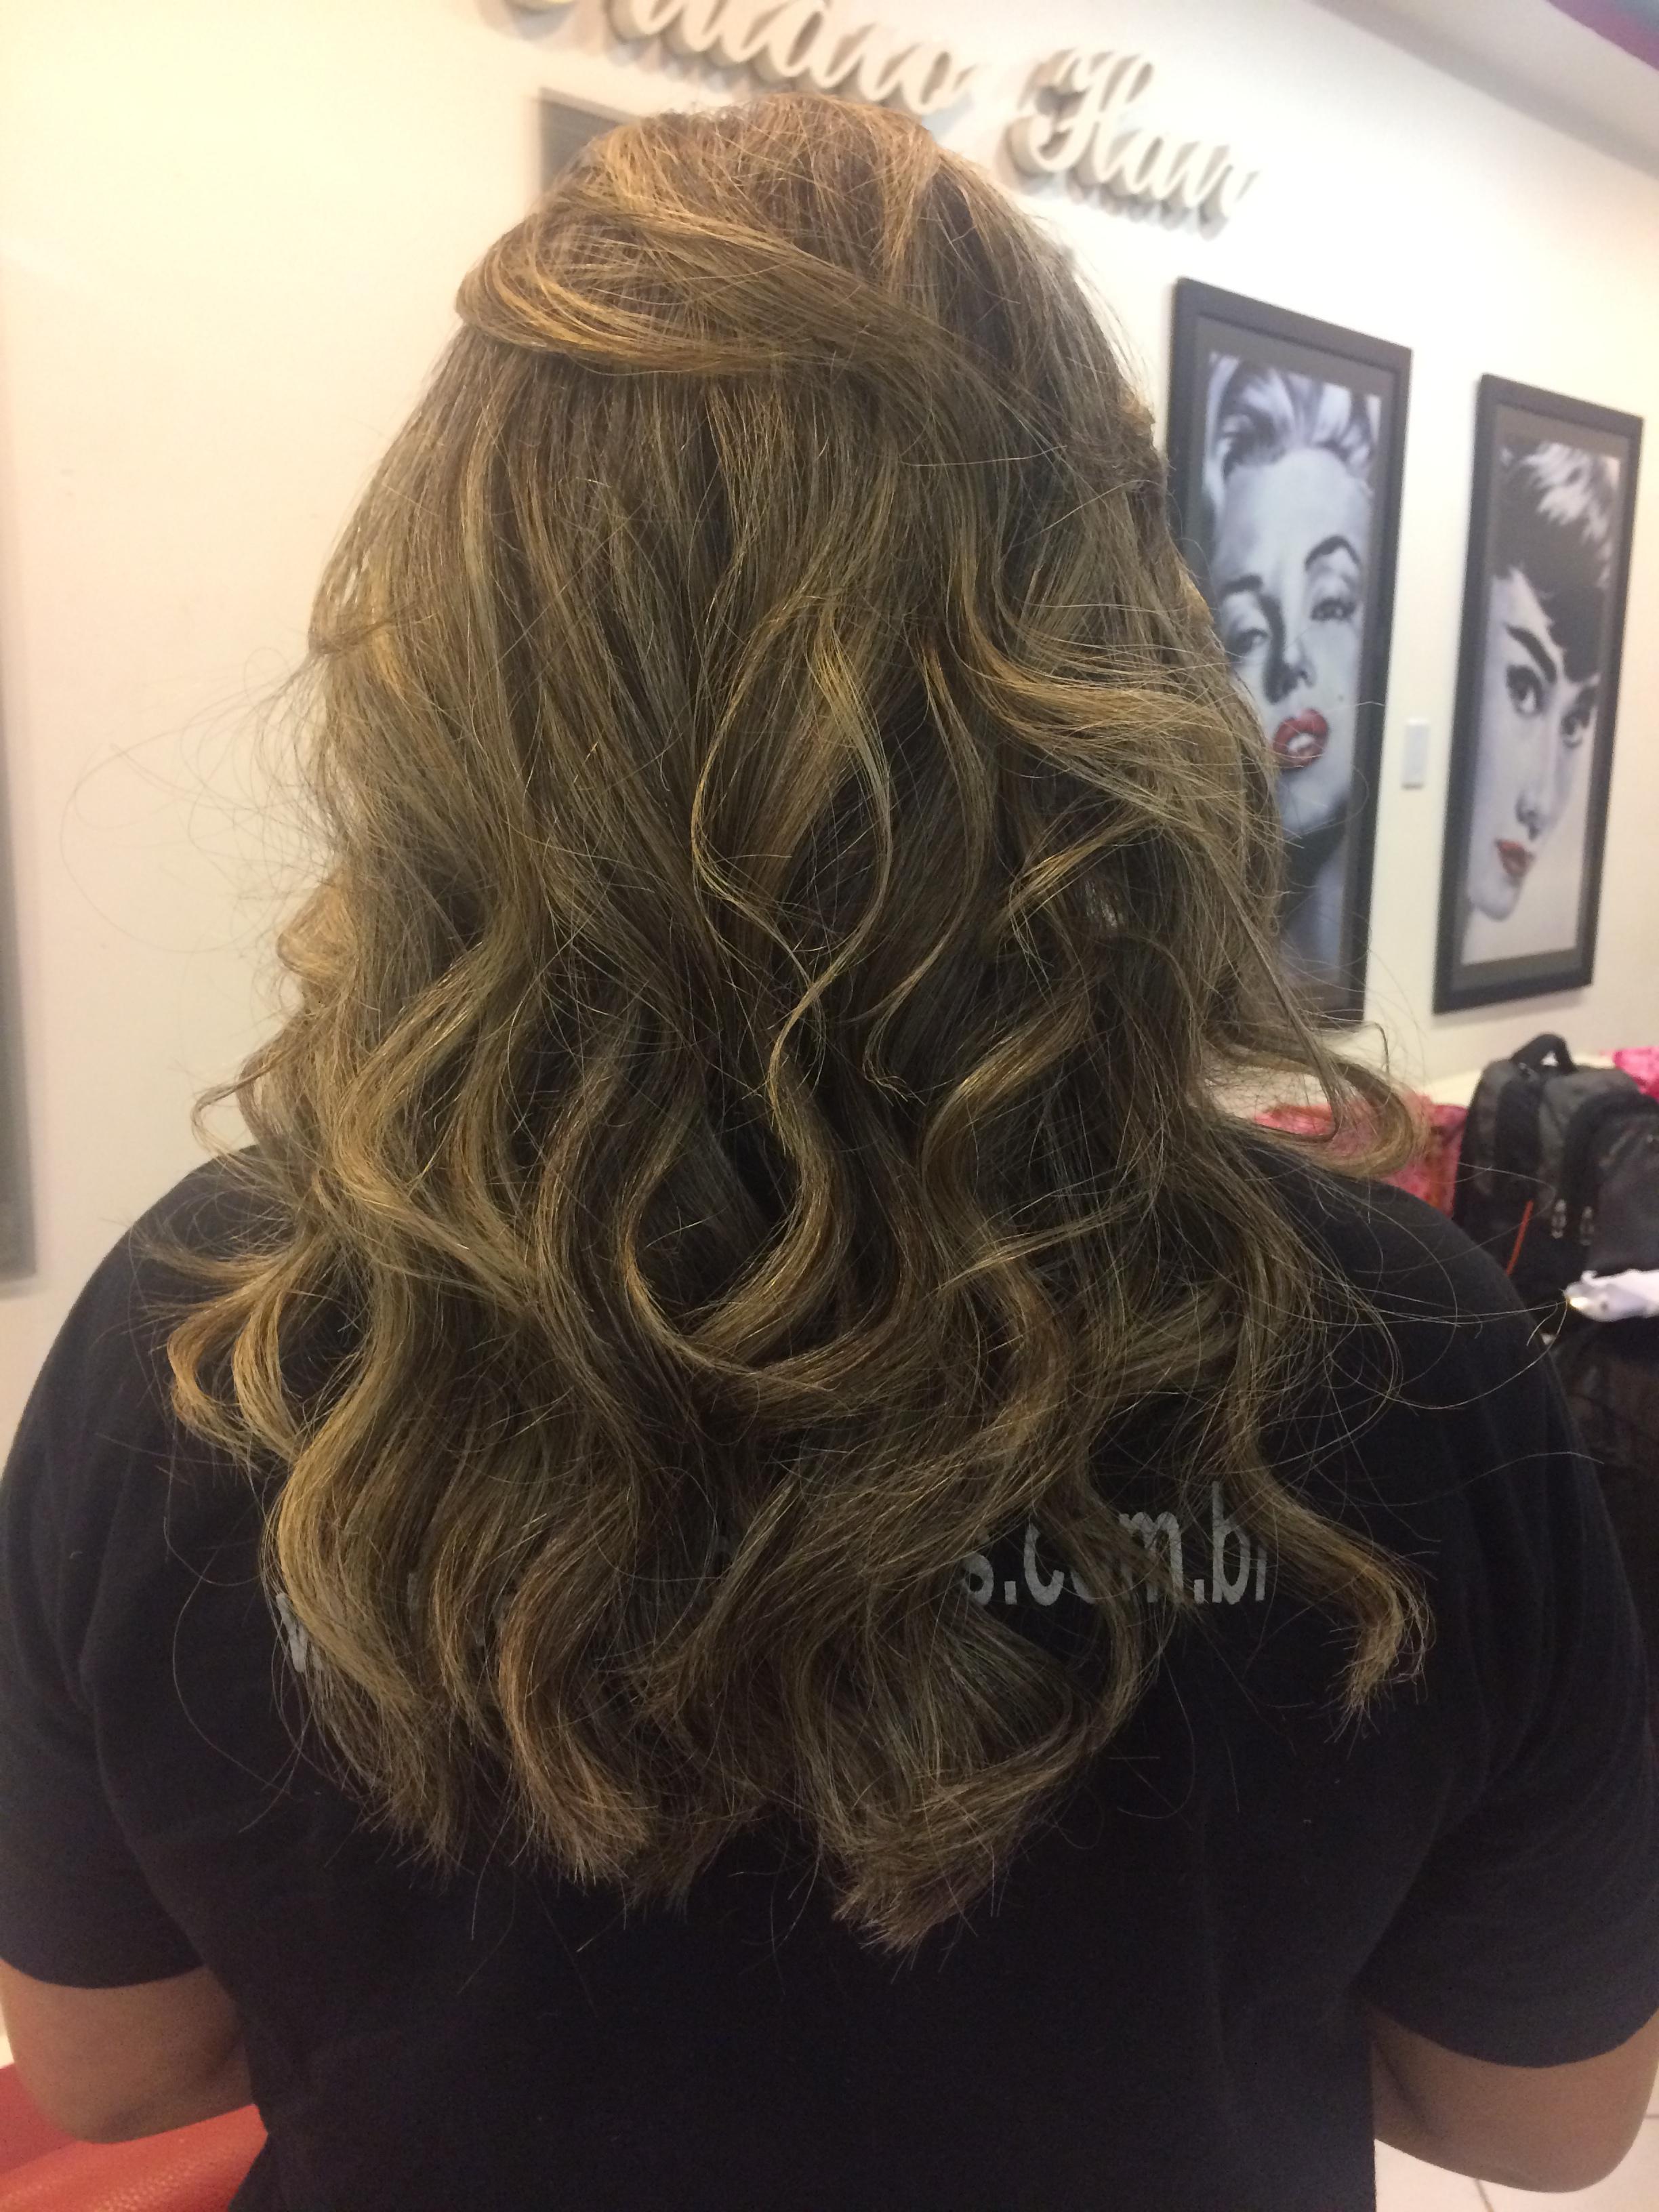 Escola e babyliss  cabelo auxiliar cabeleireiro(a)